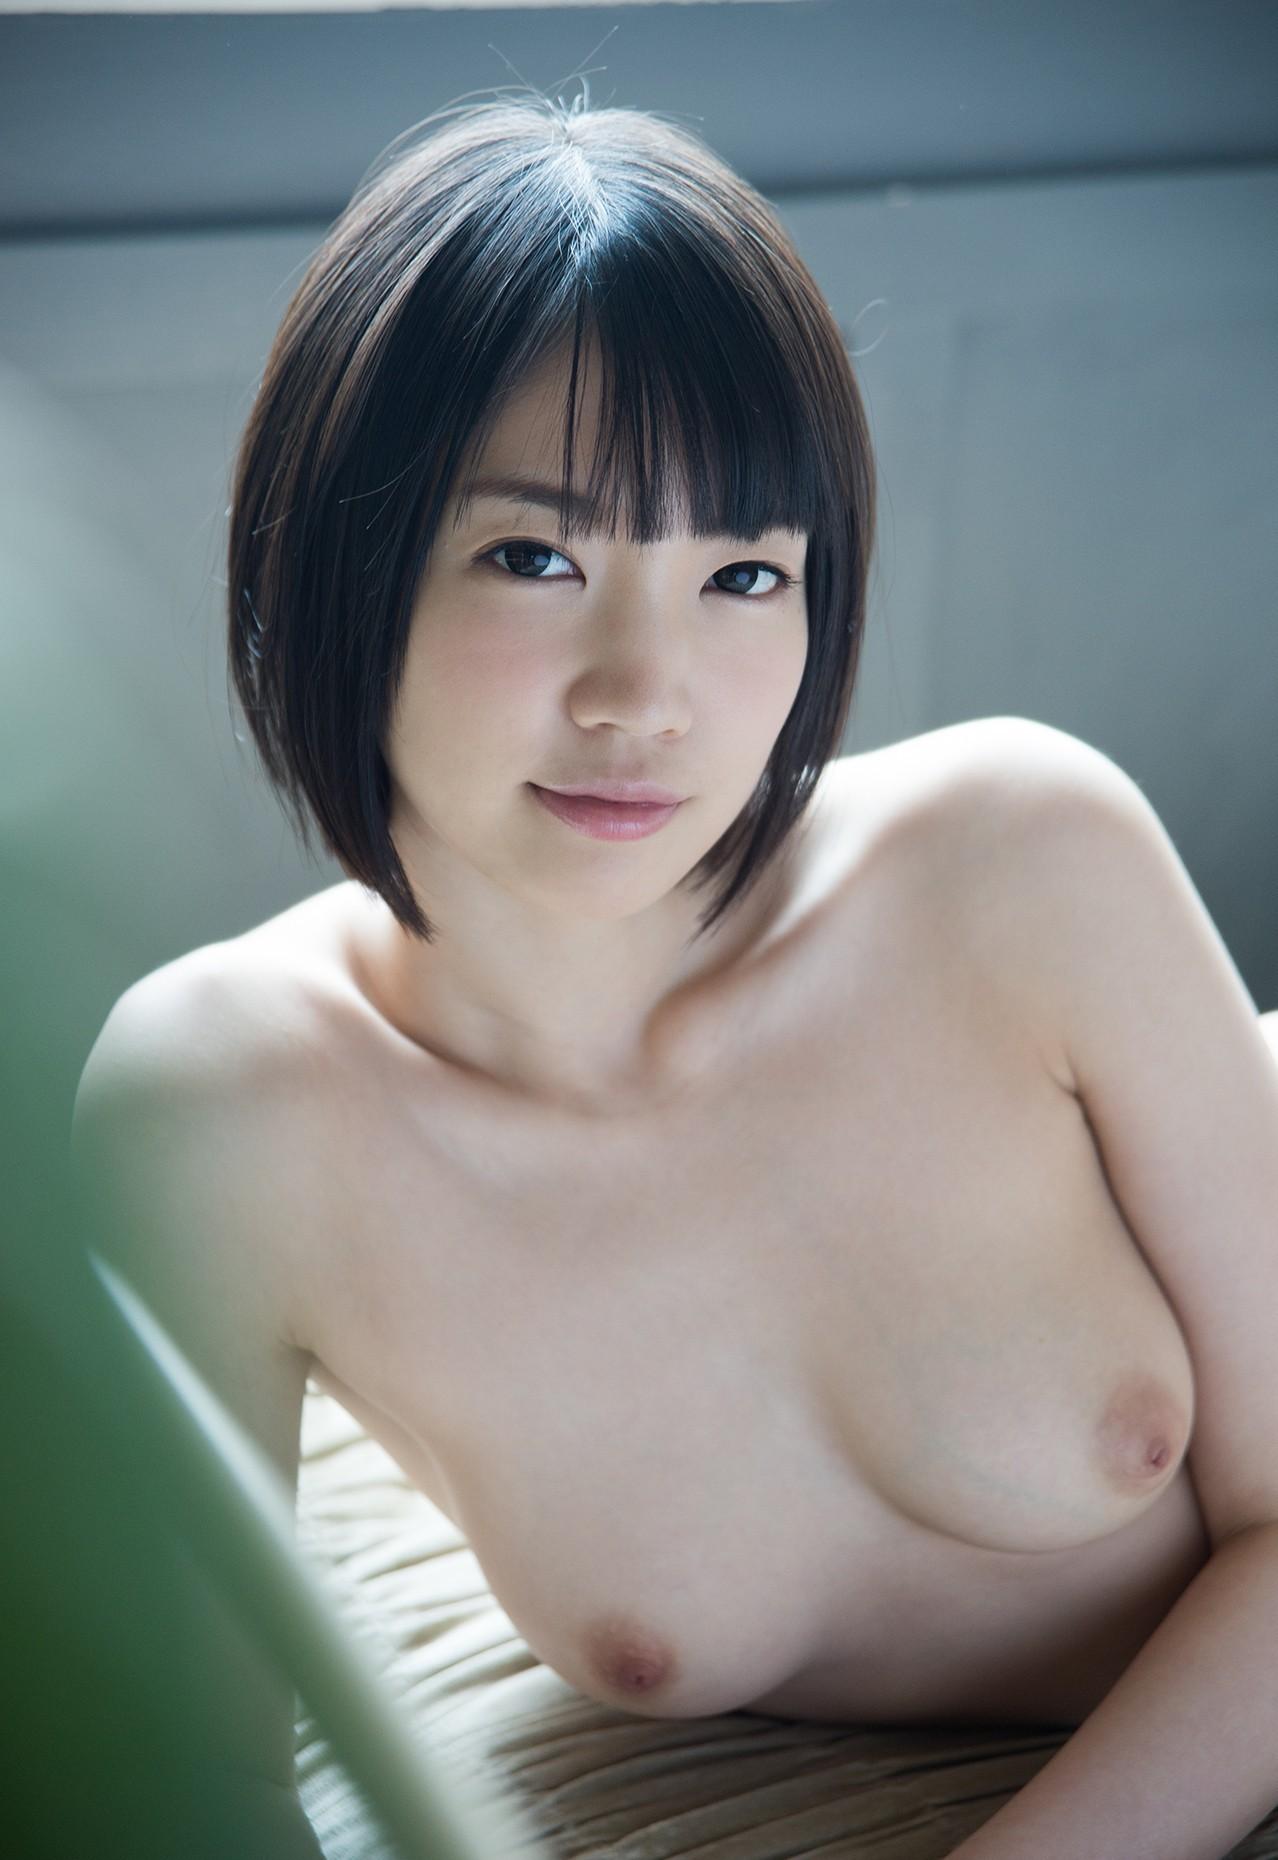 【おっぱい】美白女性の美巨乳を集めてみたけど、最近ではこれで普通ぐらいなのか?【34枚】 21